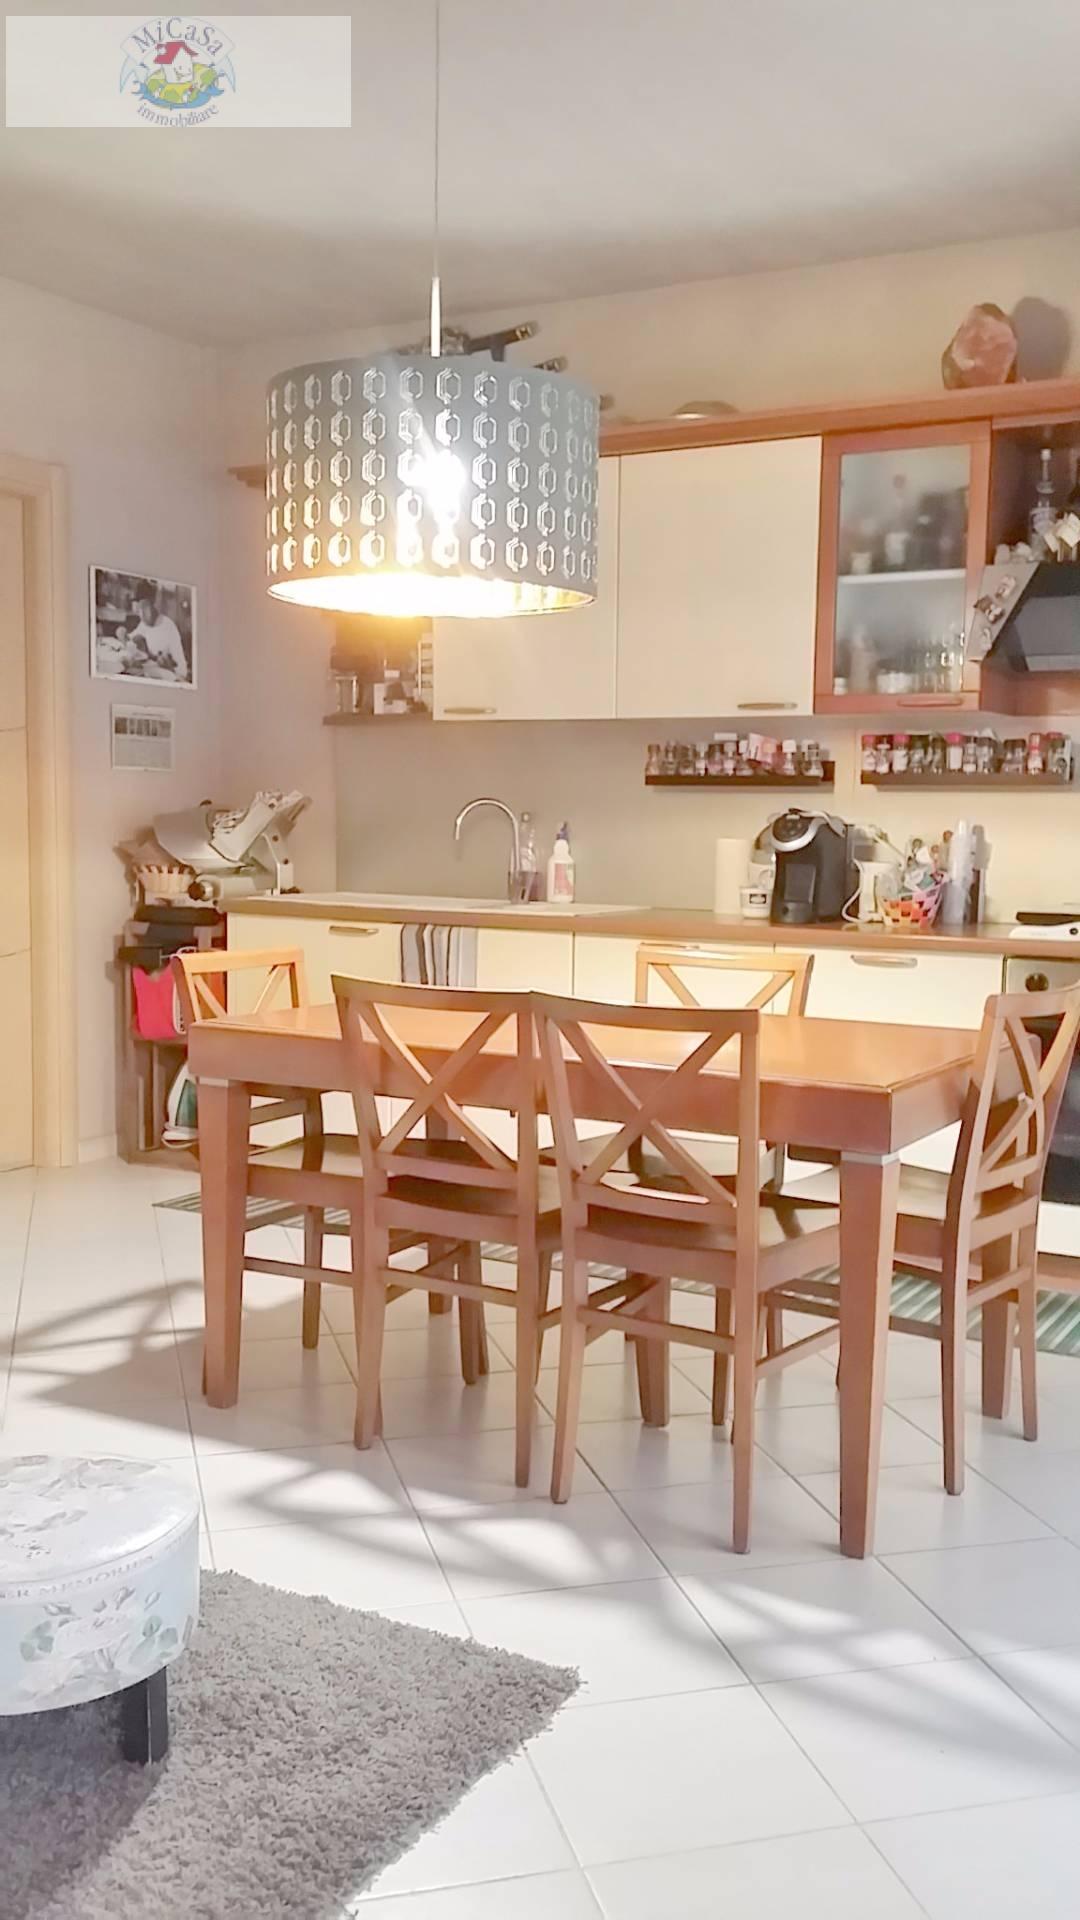 Appartamento in vendita a Pisa, 3 locali, zona Zona: Tirrenia, prezzo € 235.000 | CambioCasa.it